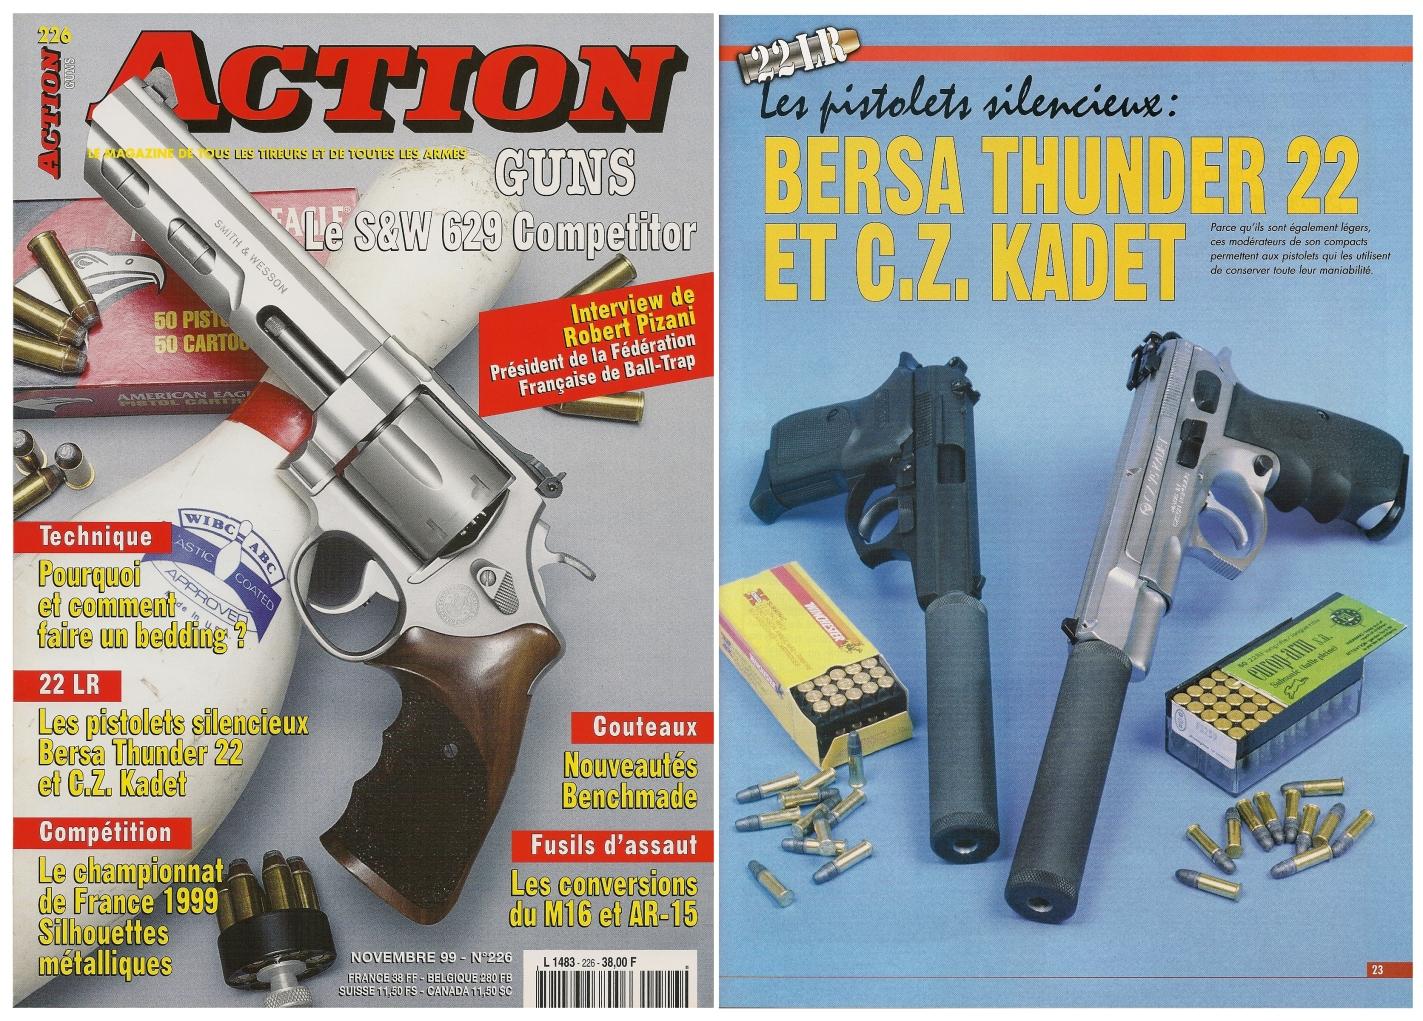 Le banc d'essai des pistolets Bersa Thunder et CZ-75 Kadet a été publié sur 5 pages dans le magazine Action Guns n° 226 (novembre 1999).